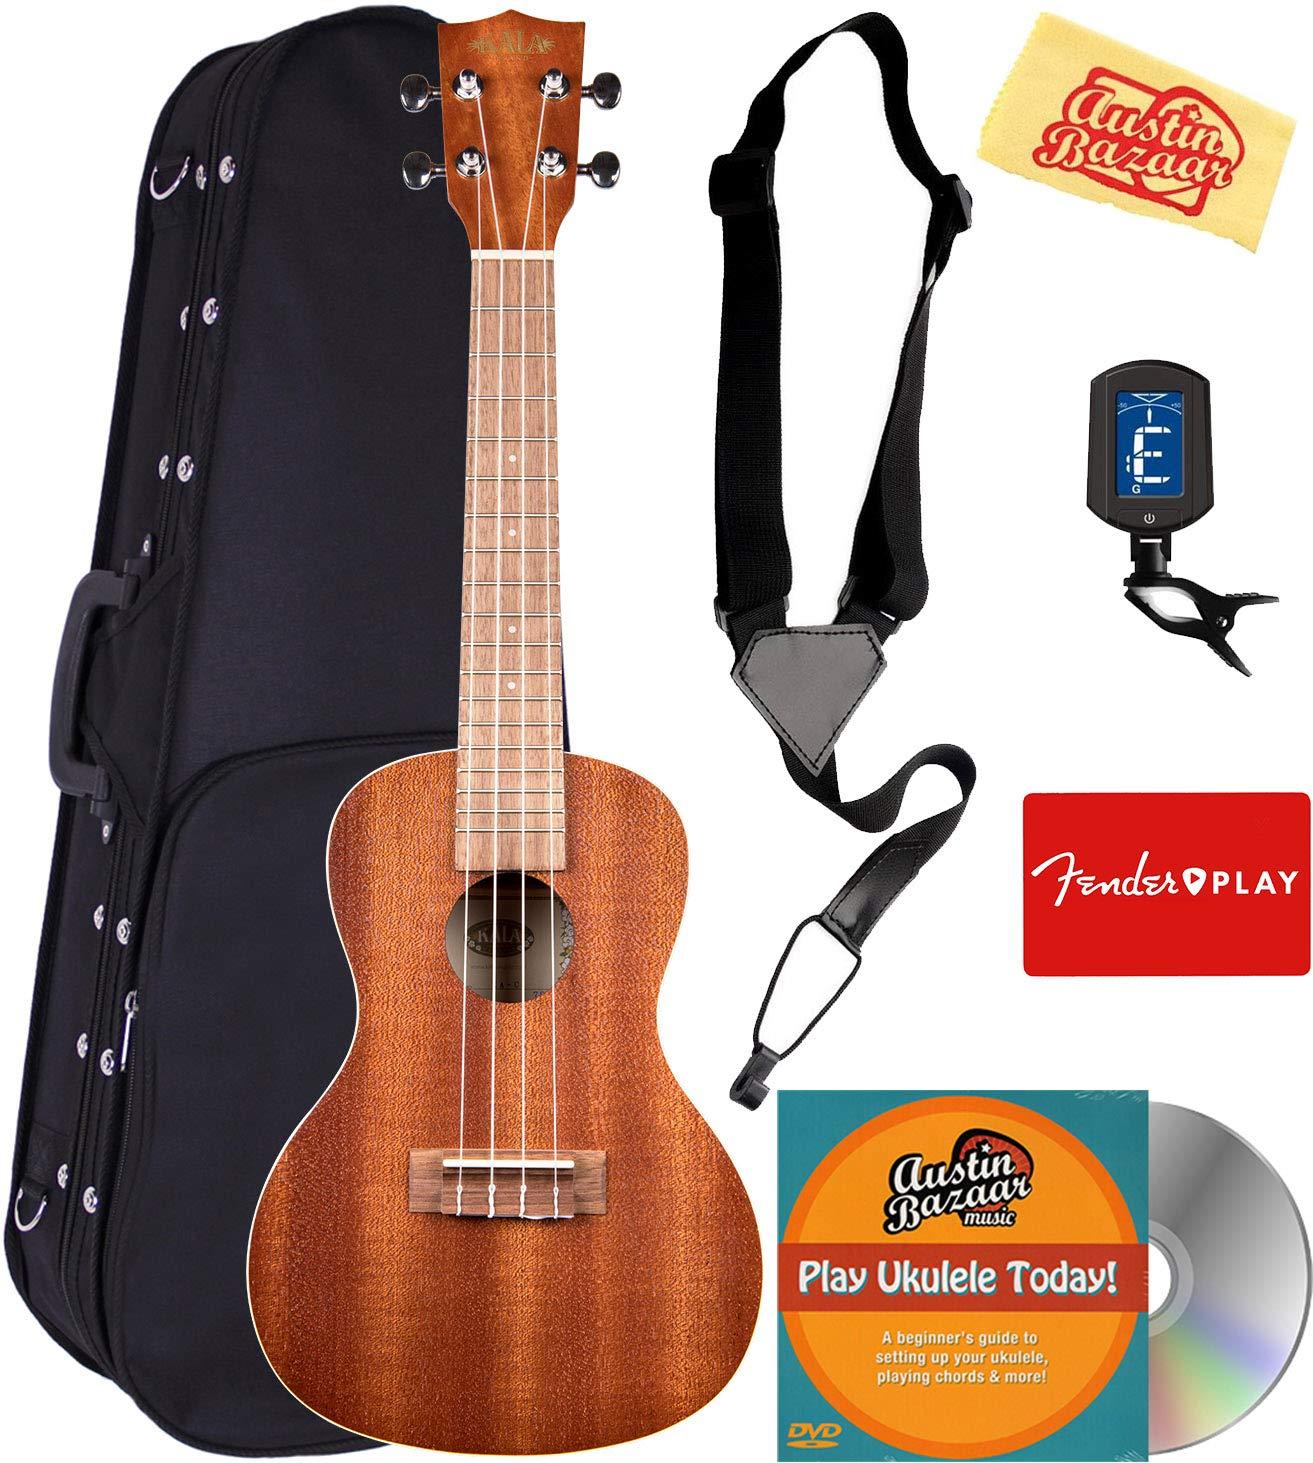 Kala KA-C Mahogany Concert Ukulele Bundle with Hard Case, Clip-On Tuner, Austin Bazaar Instructional DVD, and Polishing Cloth by Kala